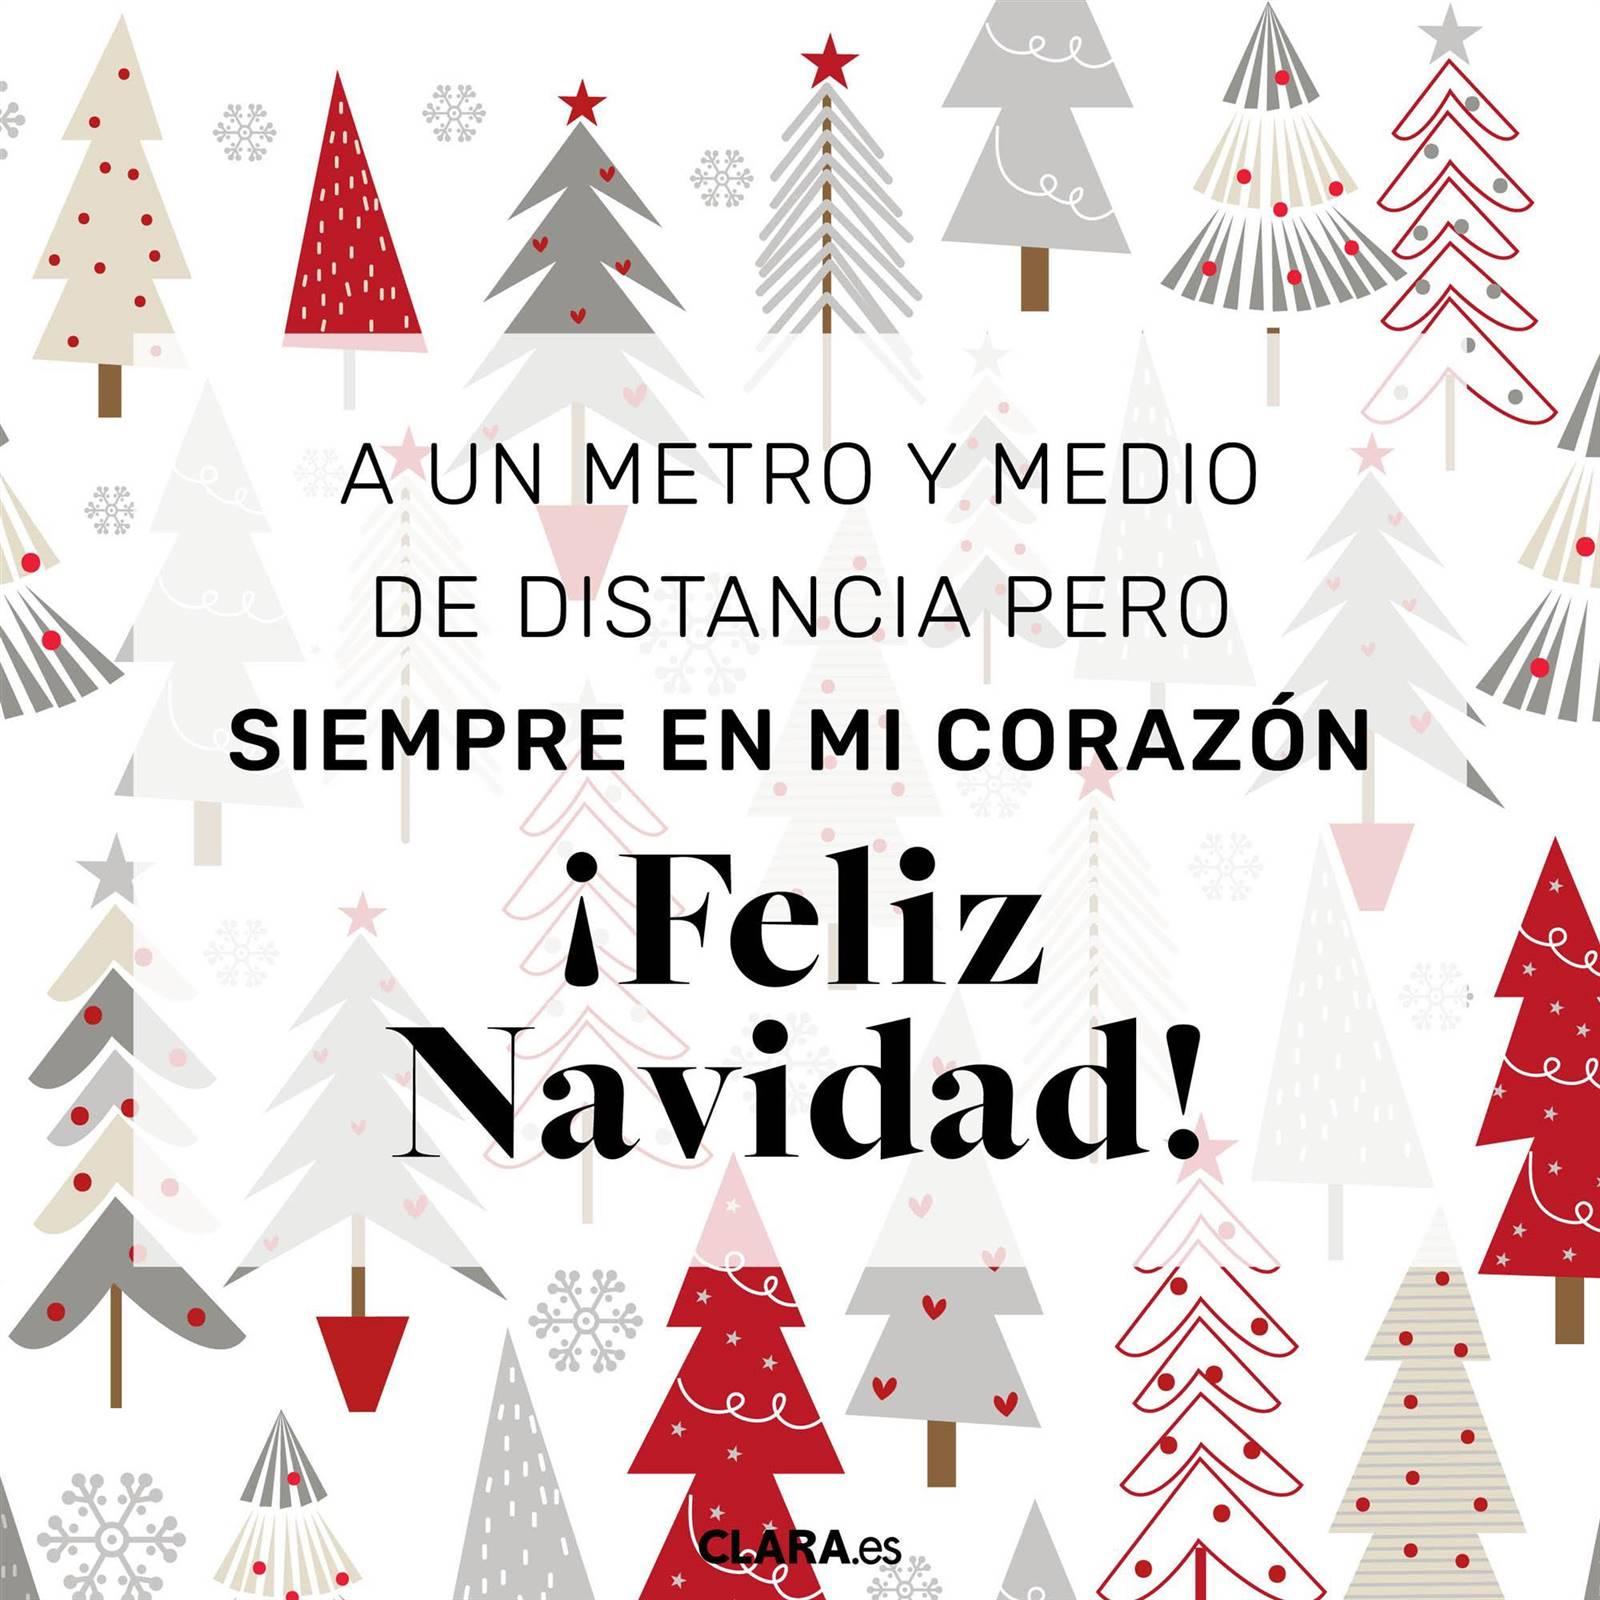 felicitaciones-navidenas-2020-distancia-cuadrado_522a8346_1600x1600.jpg